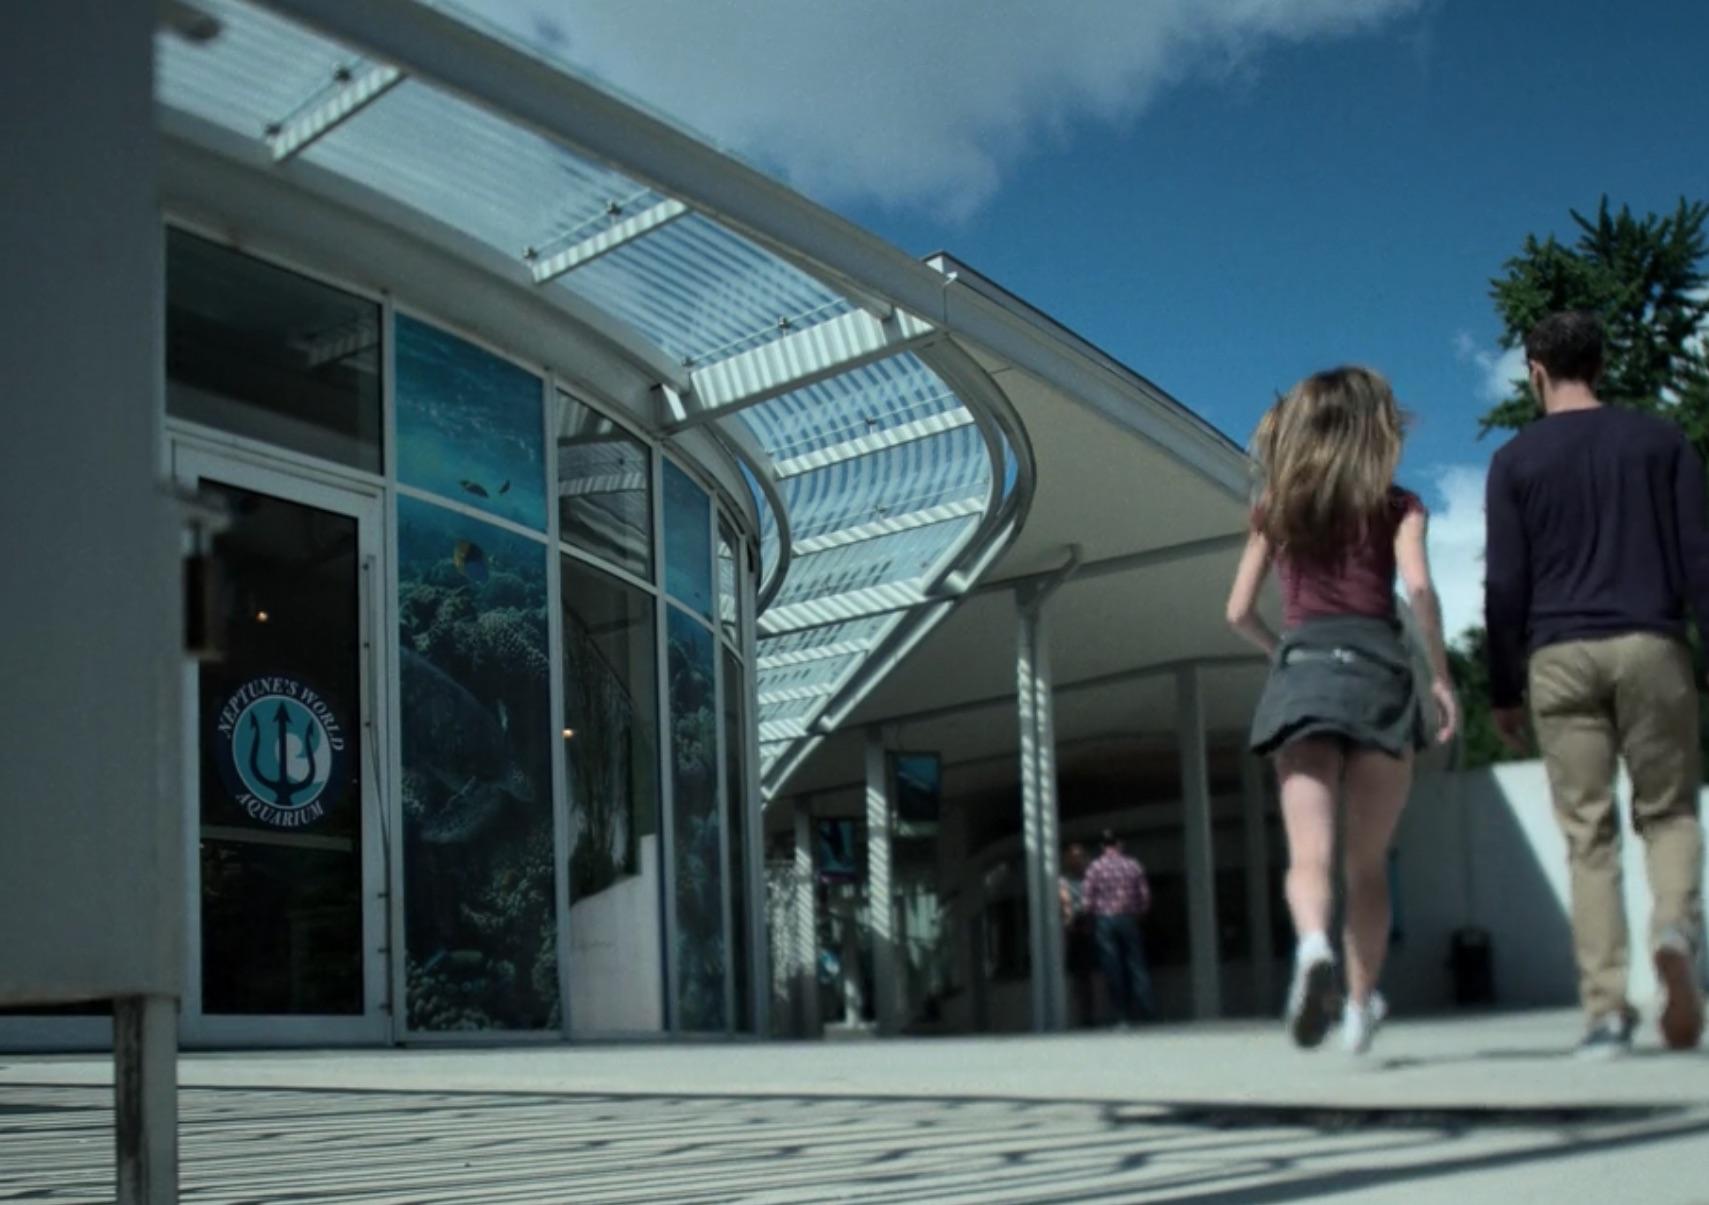 Neptune's World Aquarium/Gallery